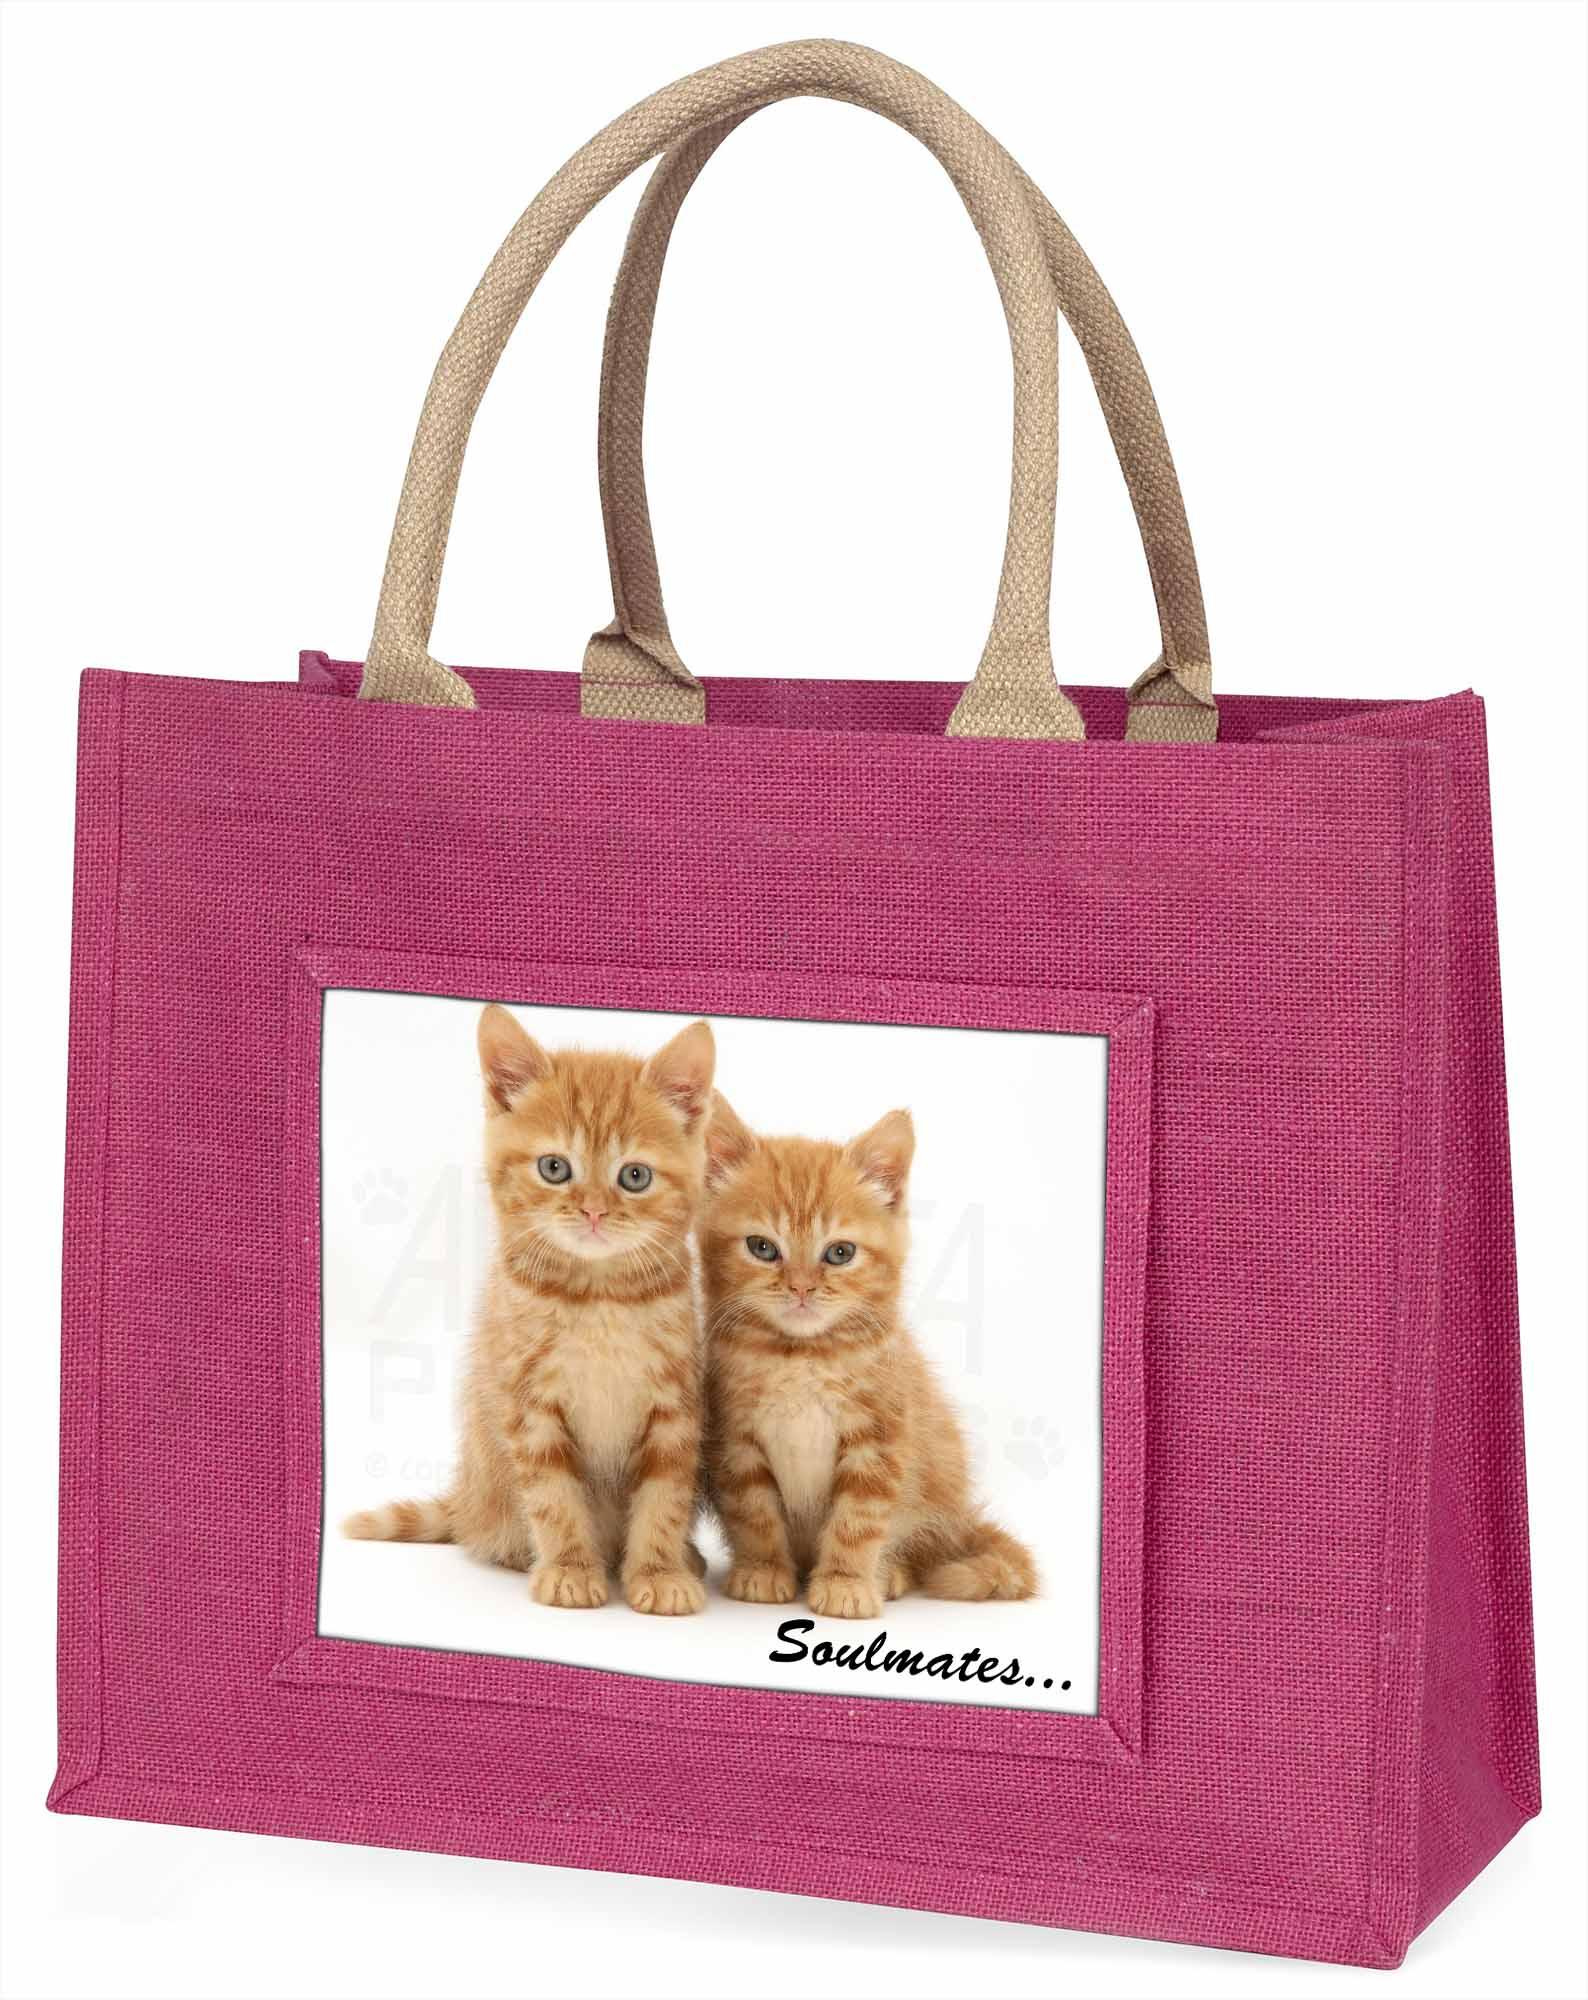 ingwer-kätzchen  Soulmates  Stimmung große rosa Einkaufstasche